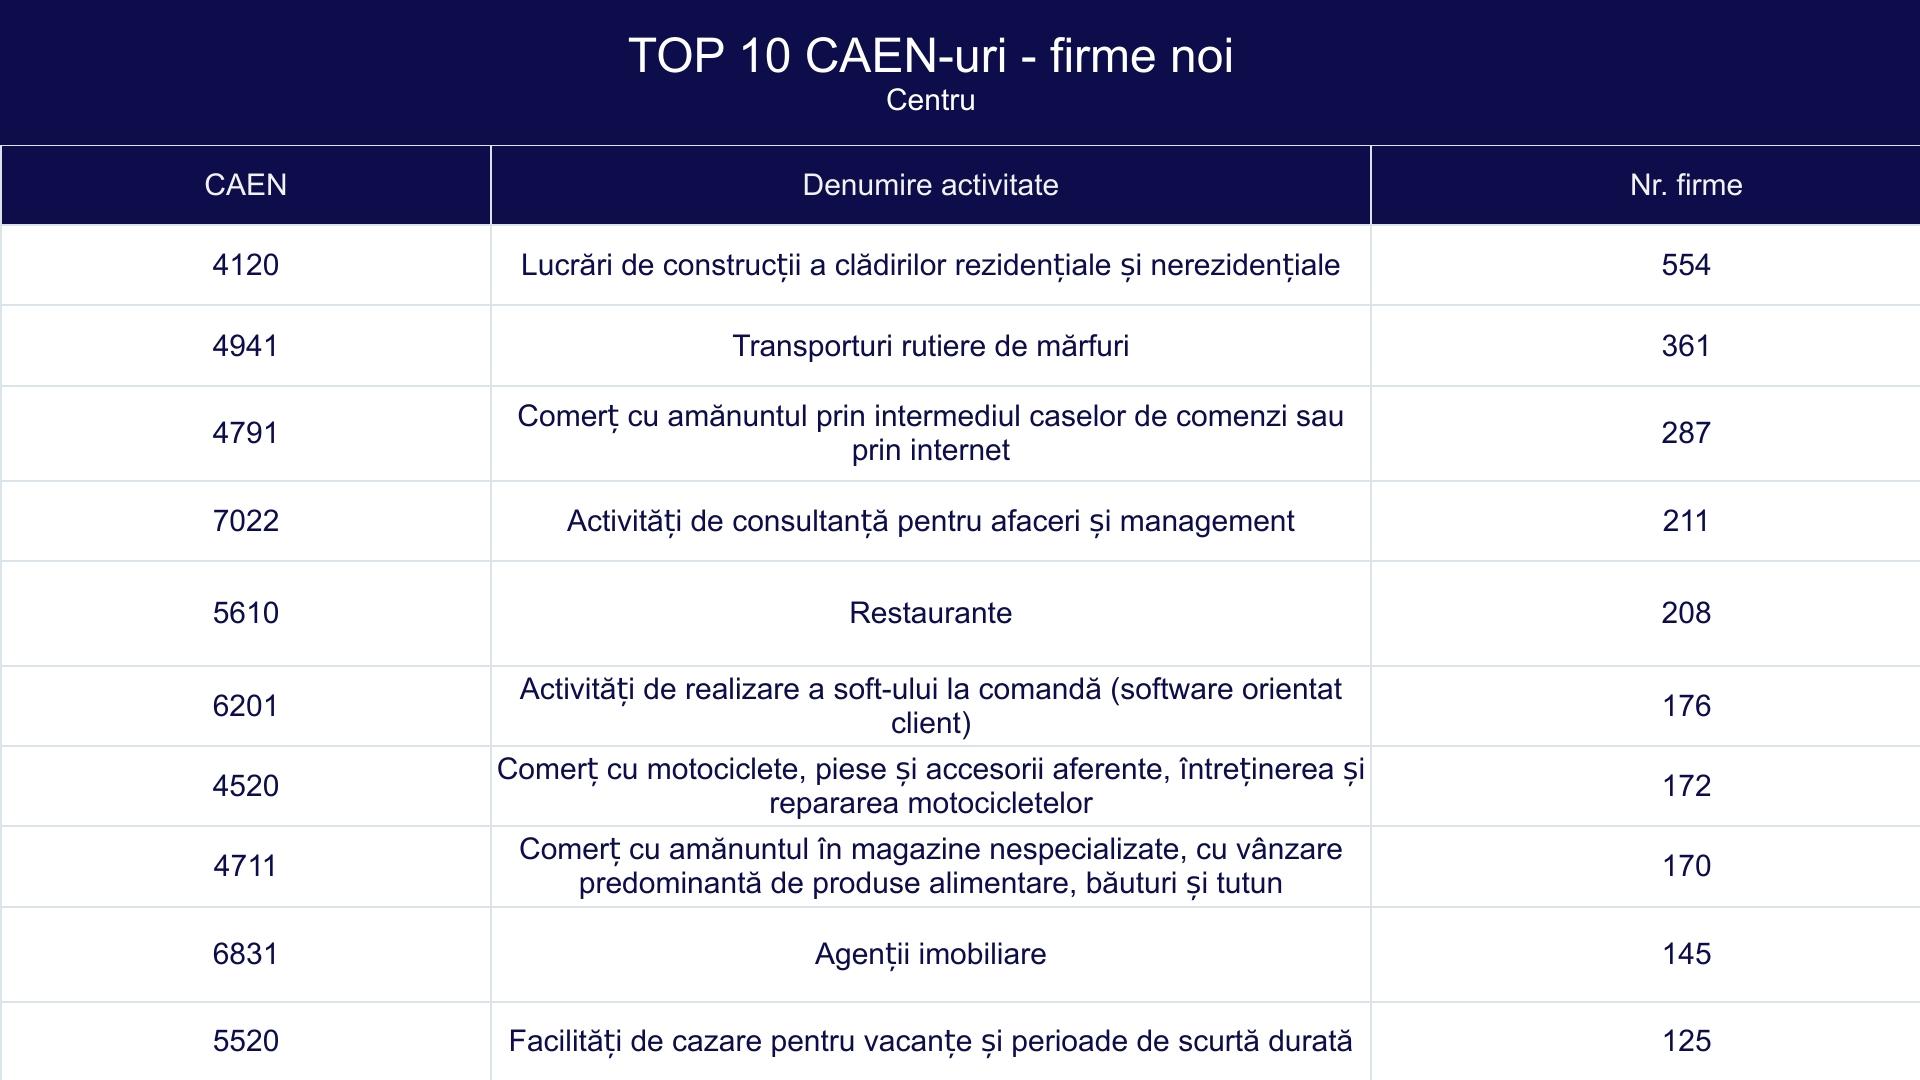 TOP 10 CAEN-uri - firme noi - Centru